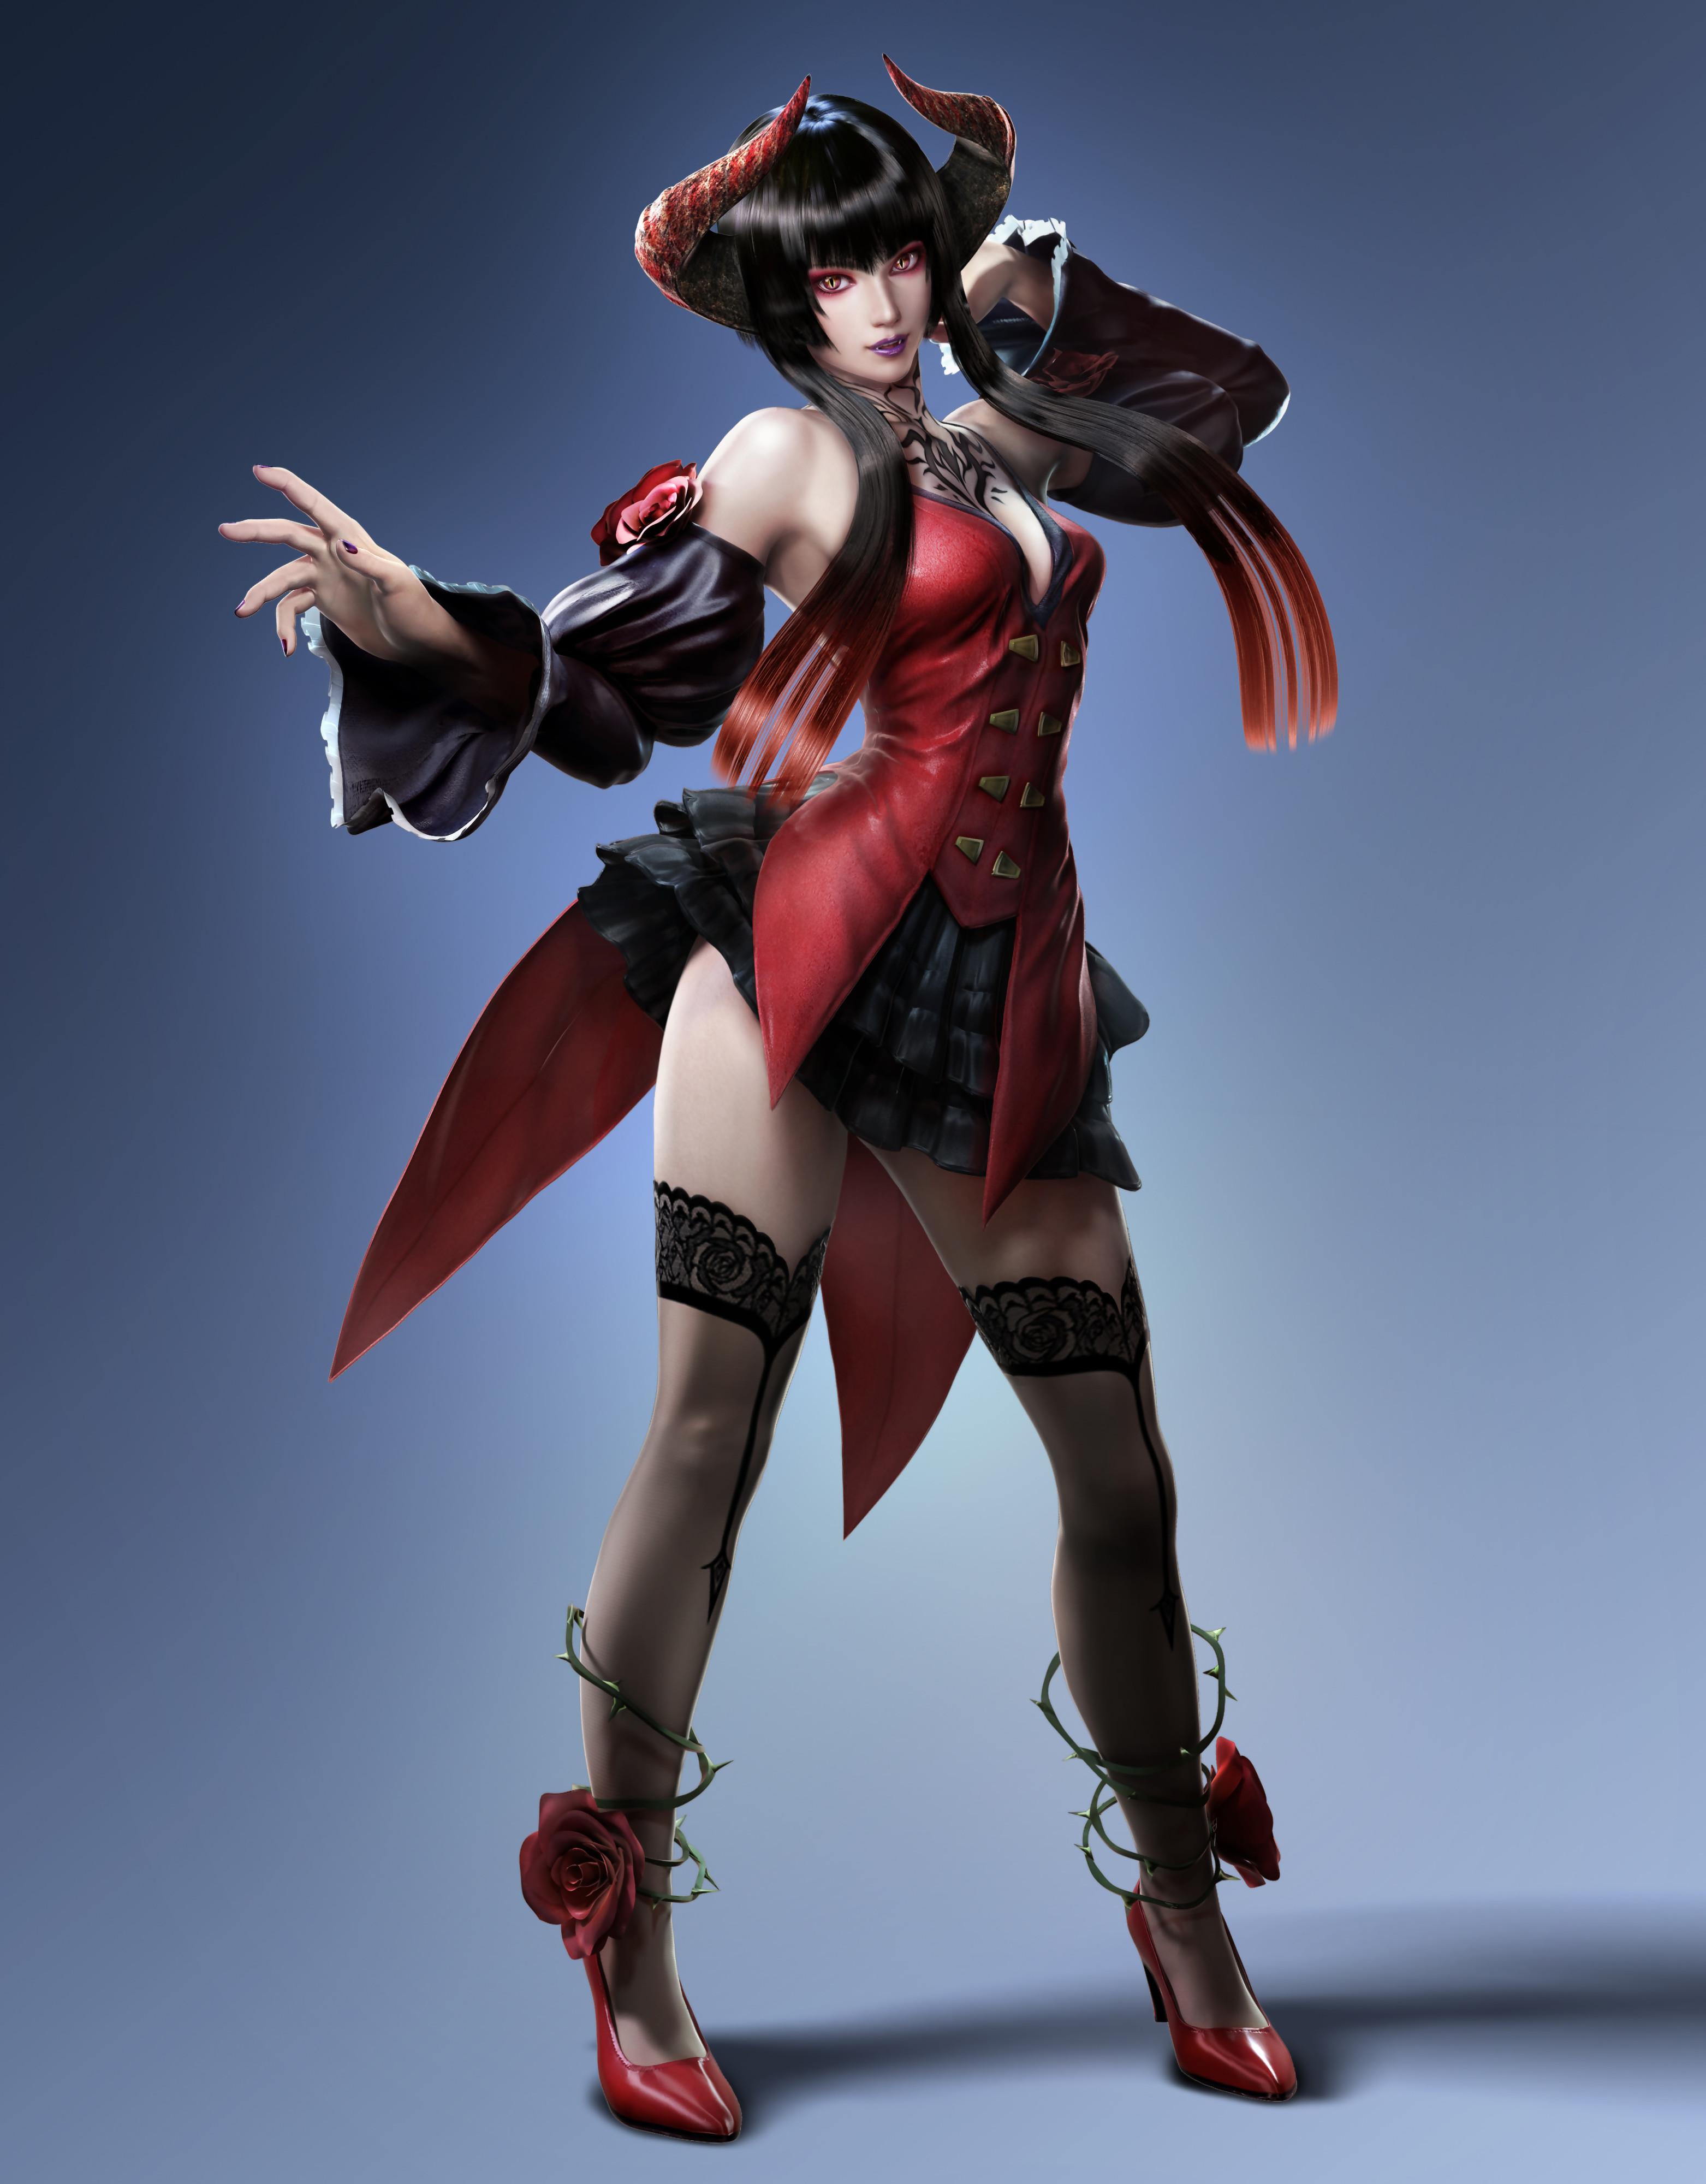 Tekken 7 Une Enorme Figurine De Kazuya Et Heihachi Dans Le Collector